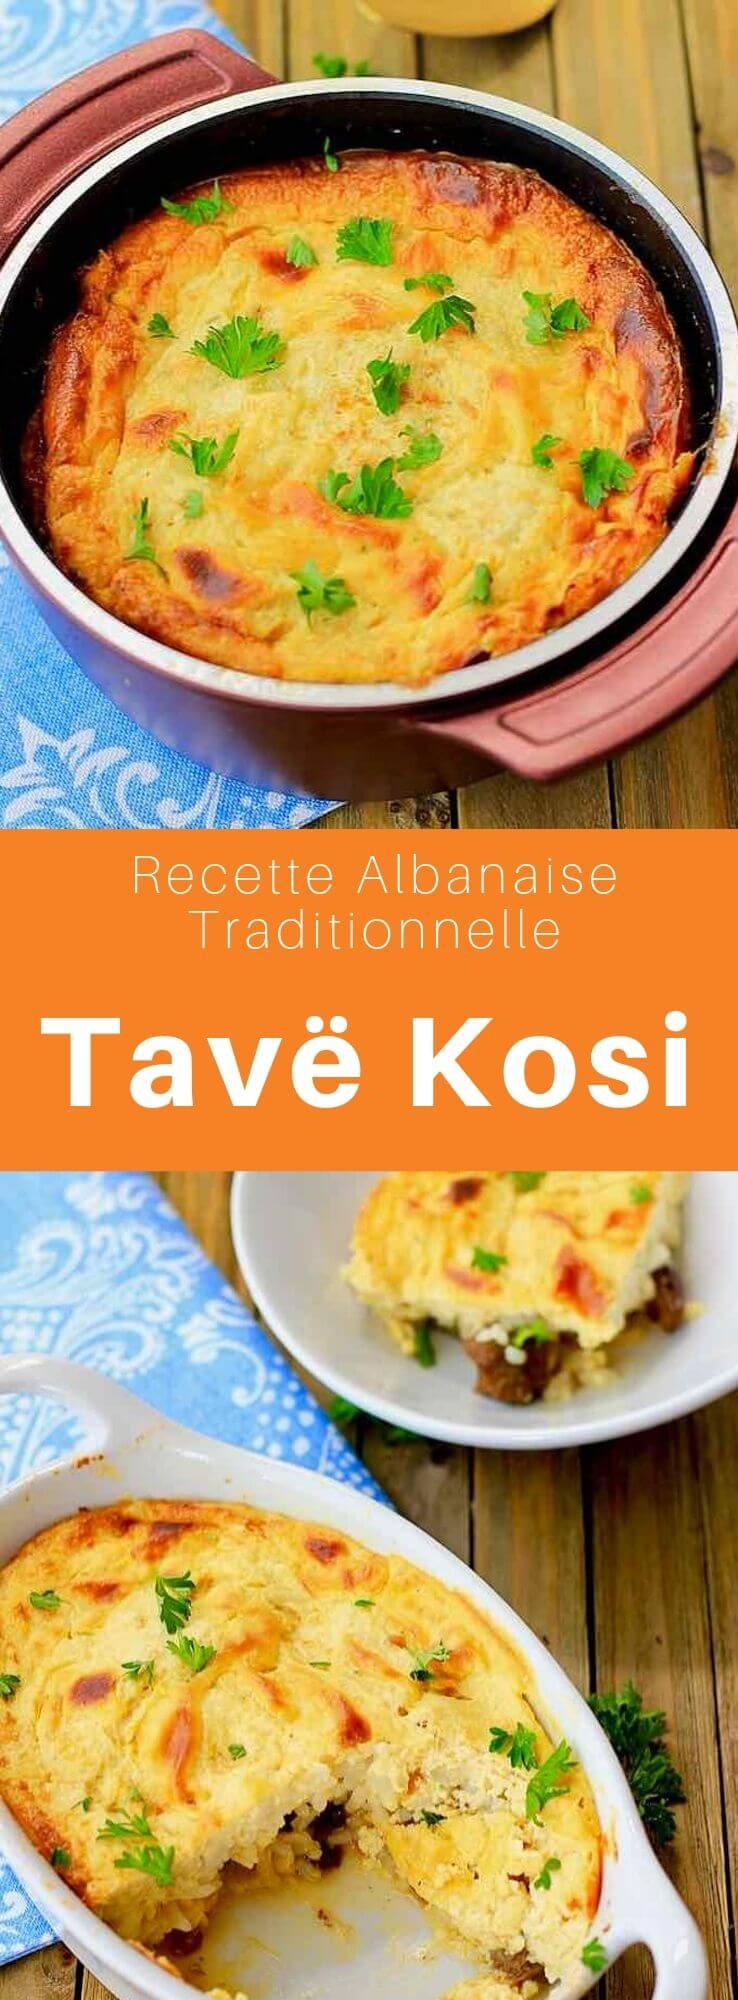 Le tavë kosi (ou Elbasan tava) est un plat traditionnel albanais à base de riz et d'agneau cuit au four également populaire en Grèce et en Turquie. #Albanie #CuisineAlbanaise #RecetteAlbanaise #CuisineDuMonde #196flavors